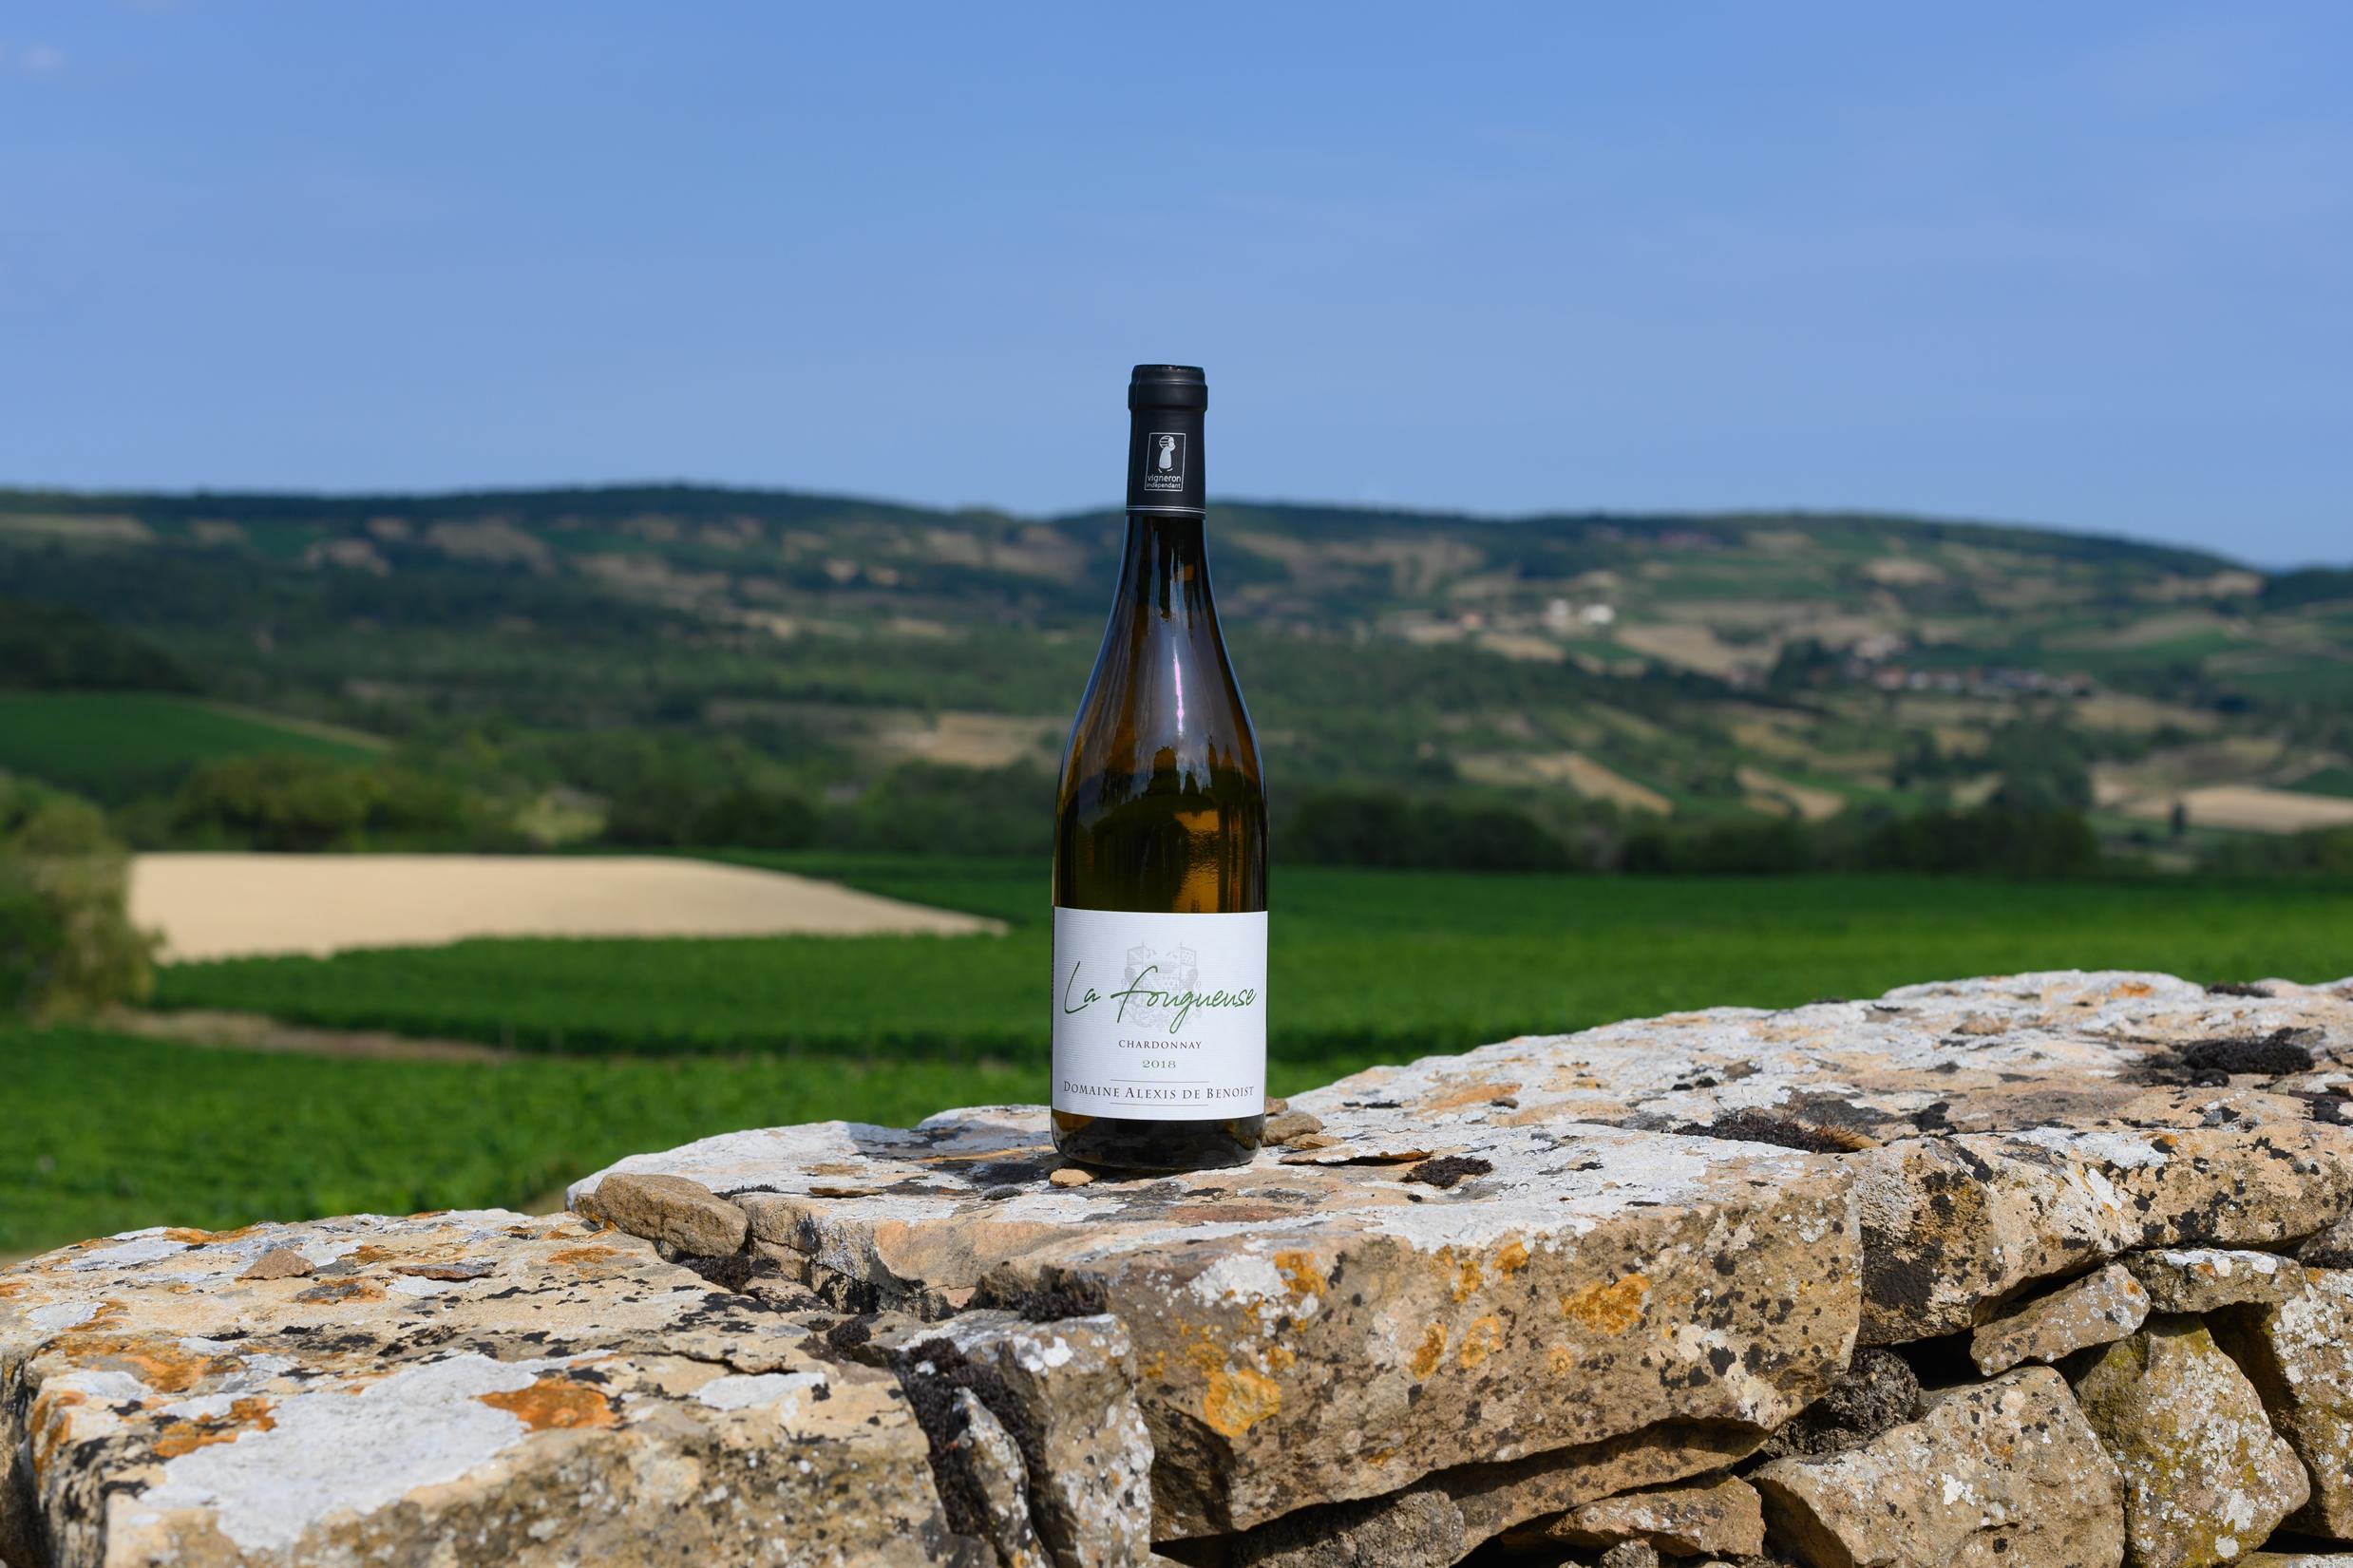 Bouteille La Fougeuse Mâcon-Villages Pierres et Vignes Alexis de Benoist